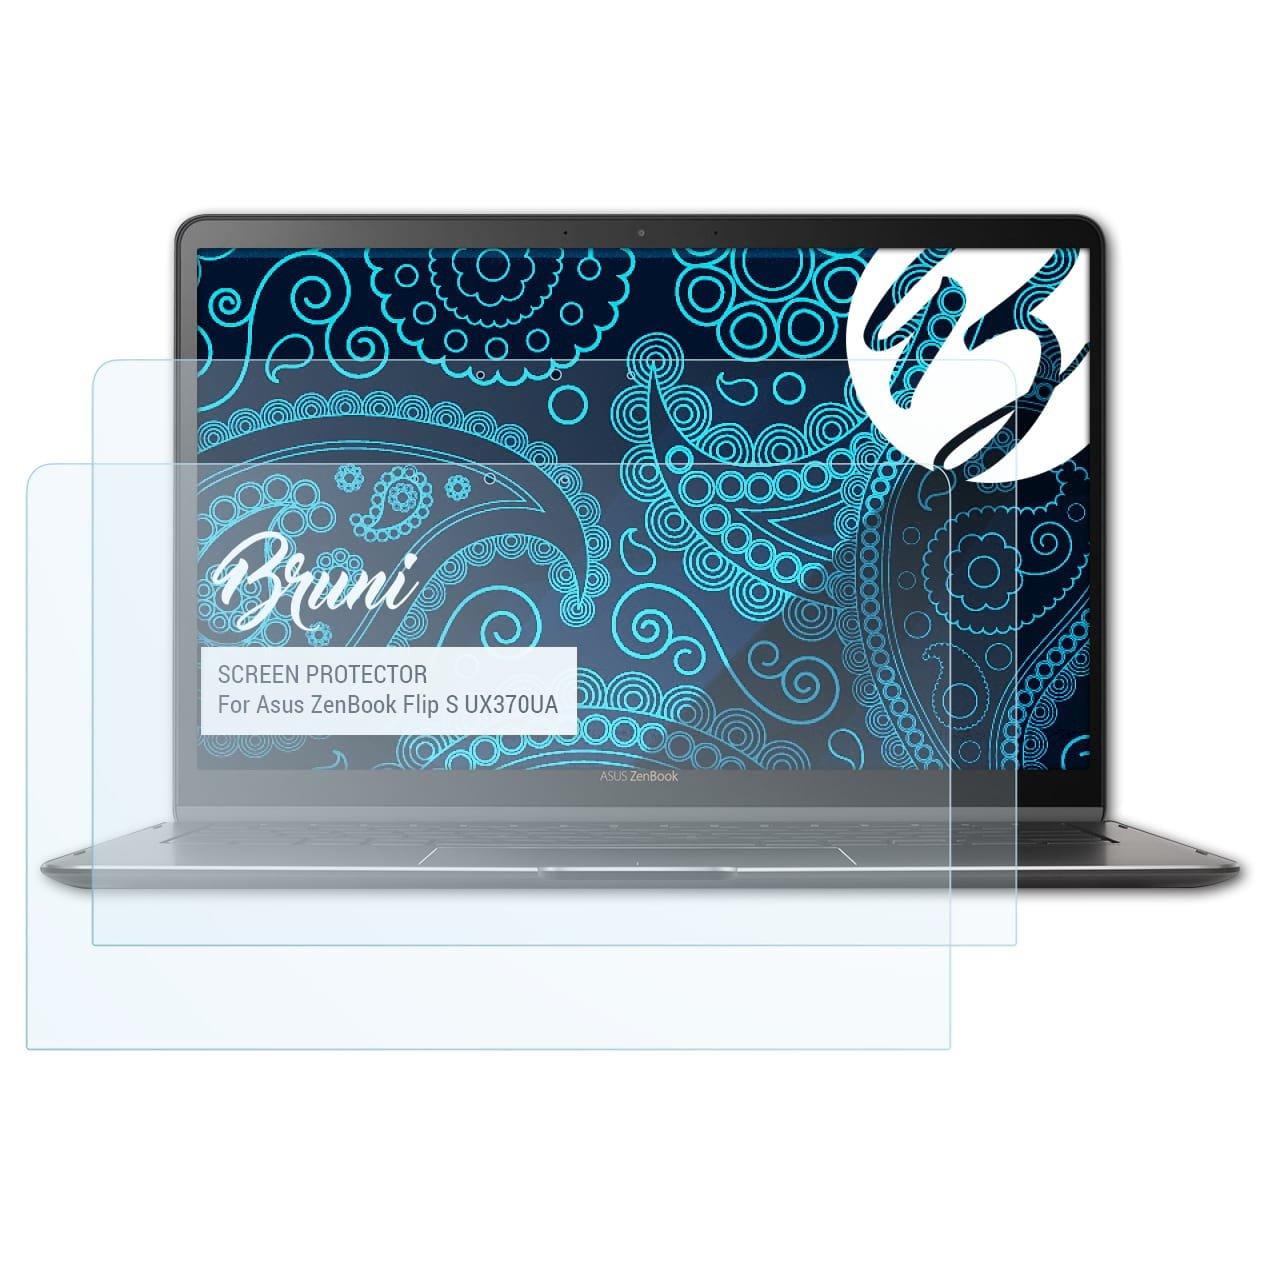 Bruni Pellicola Protettiva per Asus ZenBook Flip S (UX370UA) Pellicola Proteggi - 2 x cristallino Protezione Pellicola dello Schermo